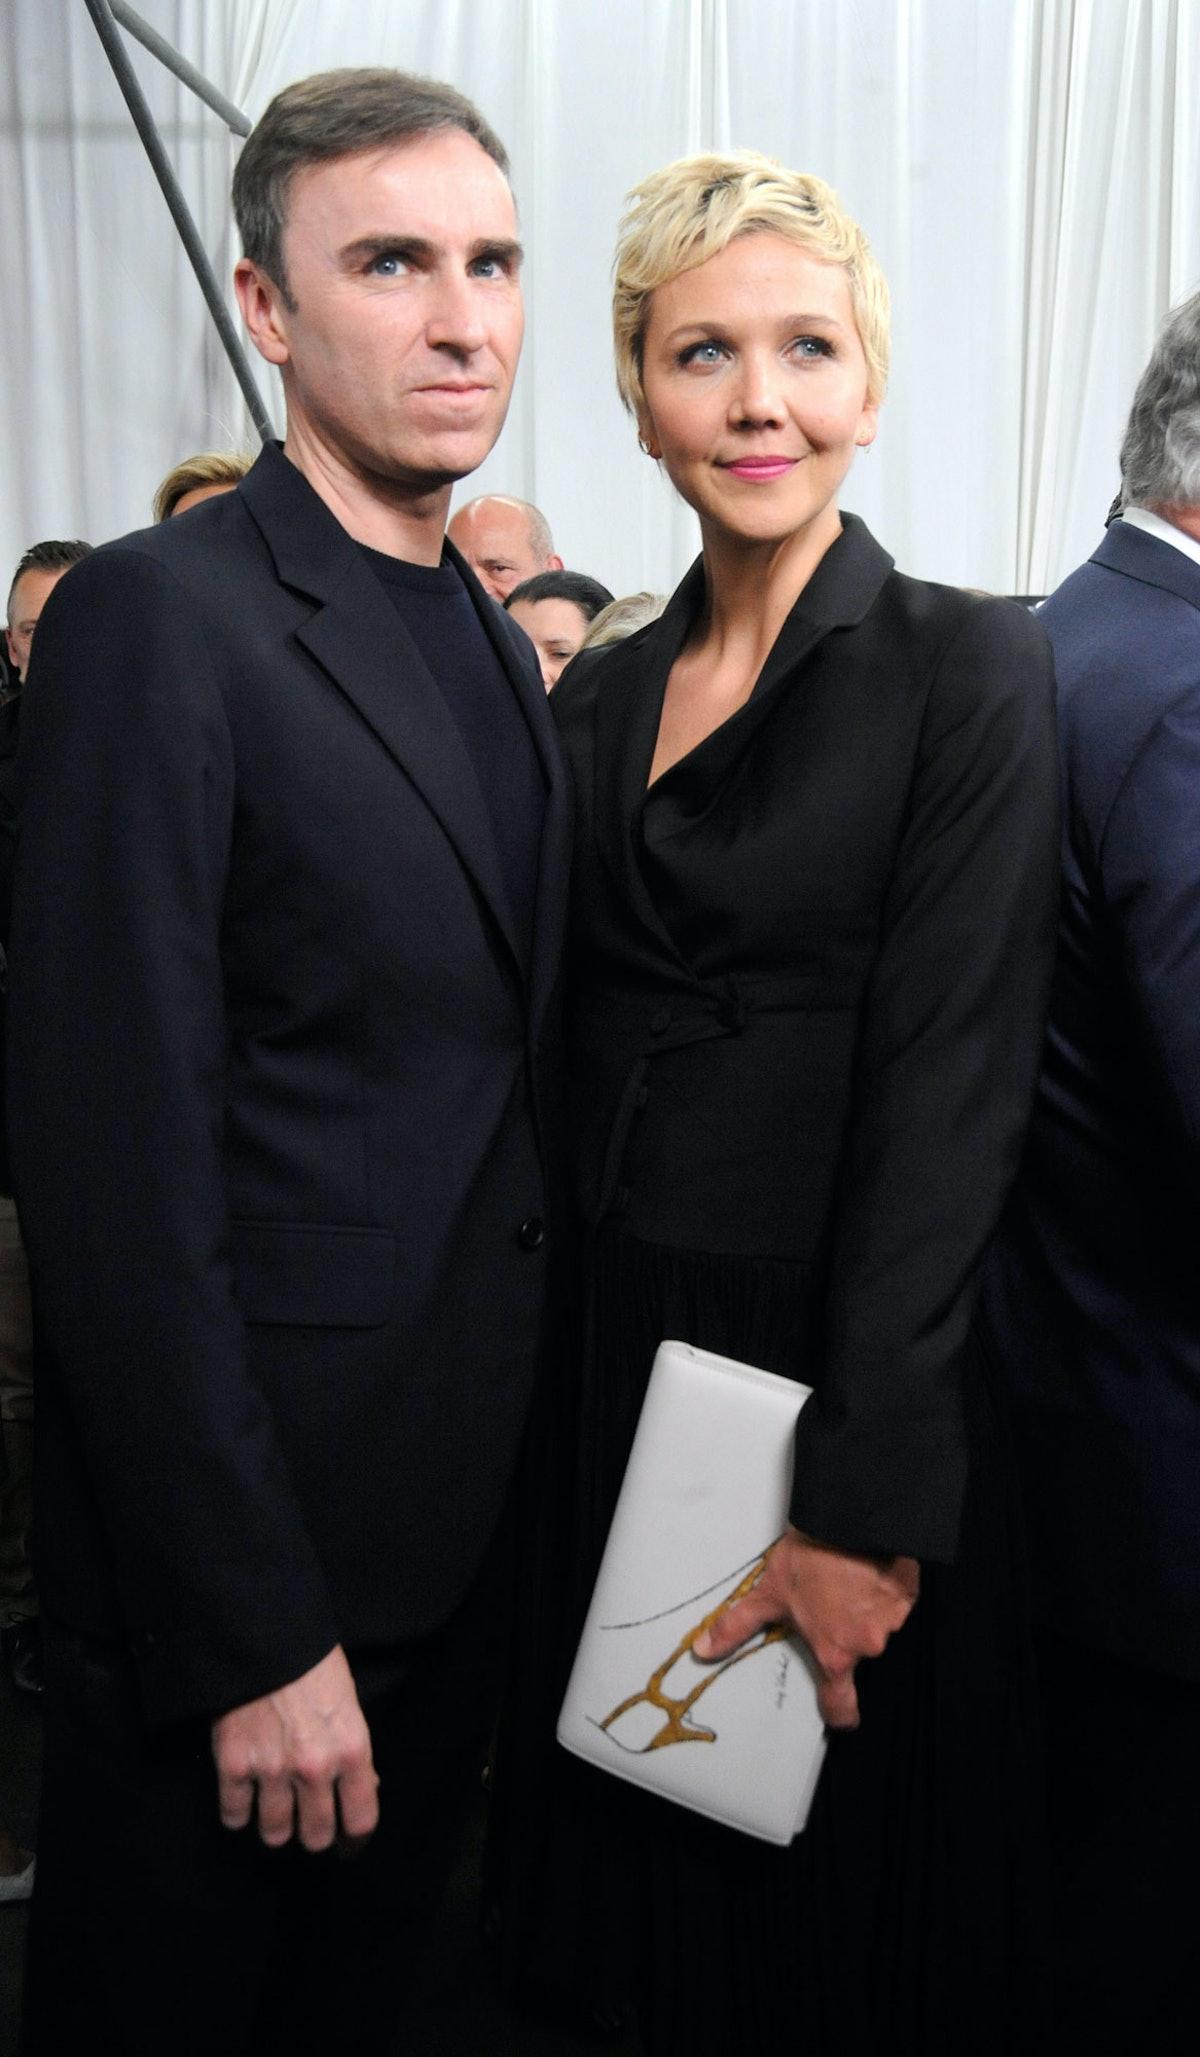 Raf Simons and Maggie Gyllenhaal